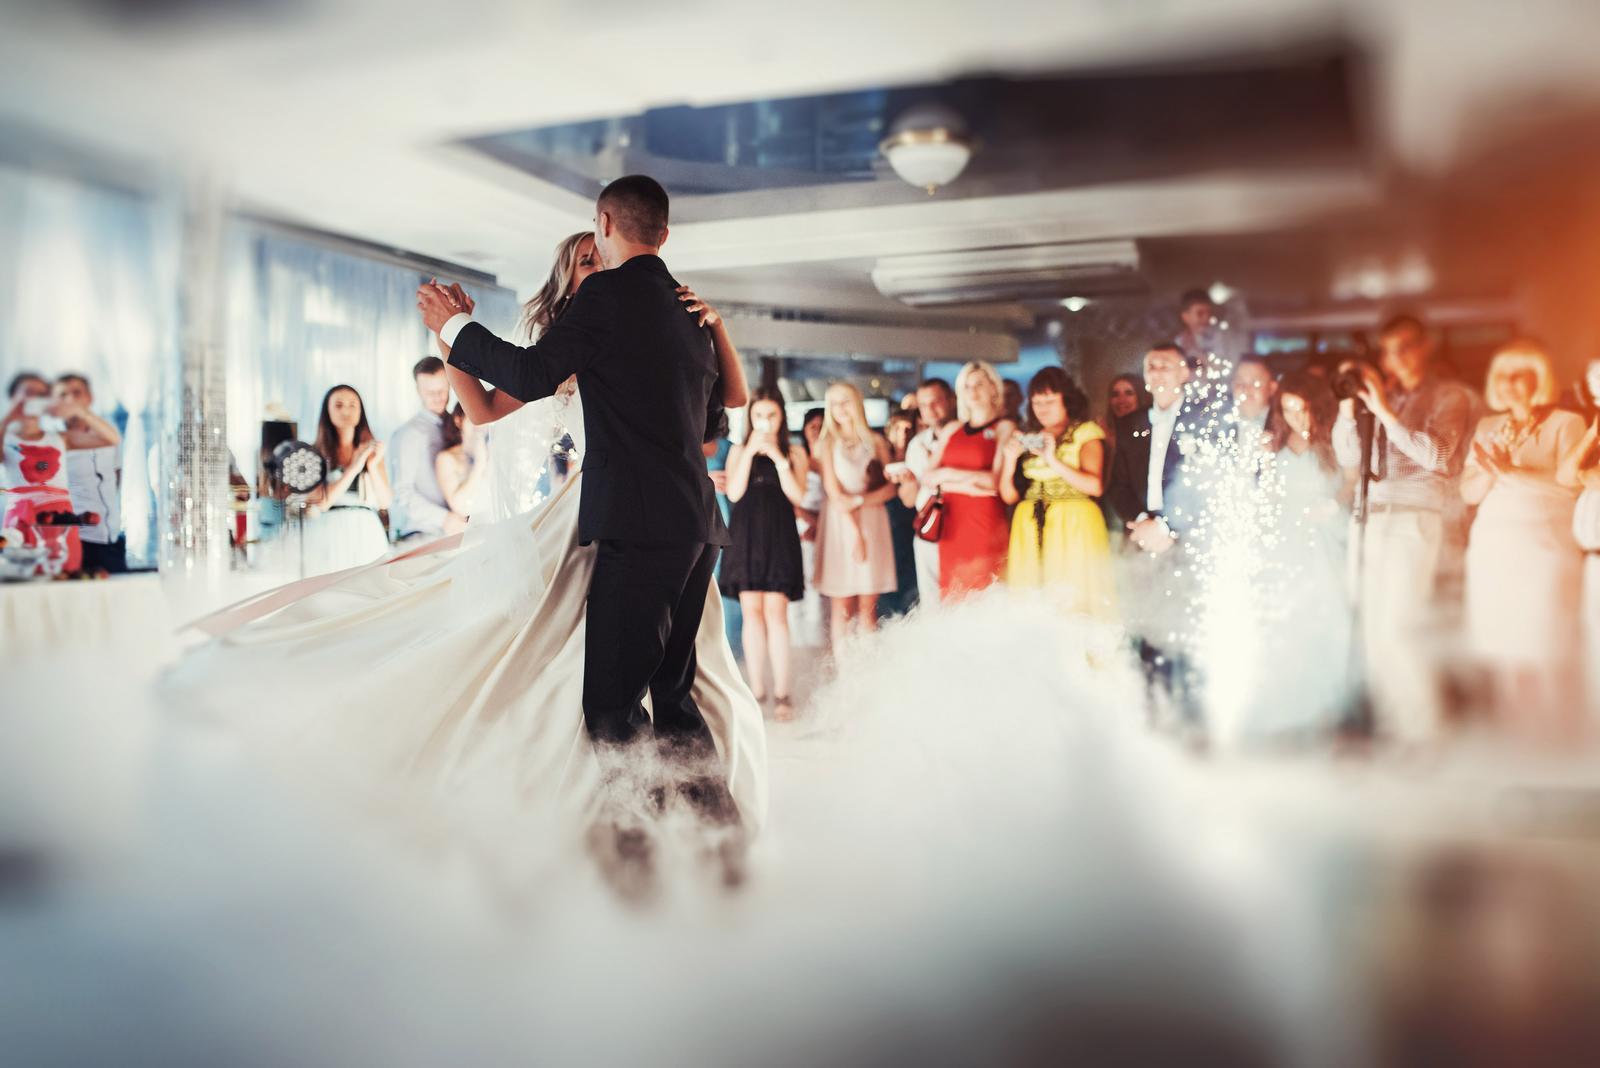 Kočky, ak hľadáte nejakú peknú českú alebo slovenskú pesničku na prvý manželský tanec, prichystali sme pre vás takýto zoznam :) Inšpirujte sa a vyberajte! Budem rada, ak mi do komentára napíšete ďalšie tipy, ktoré by sme do zoznamu mohli doplniť :) Ďakujem a krásny deň vám želám! https://www.mojasvadba.sk/75-slovenskych-a-ceskych-piesni-na-prvy-manzelsky-tanec/ - Obrázok č. 1